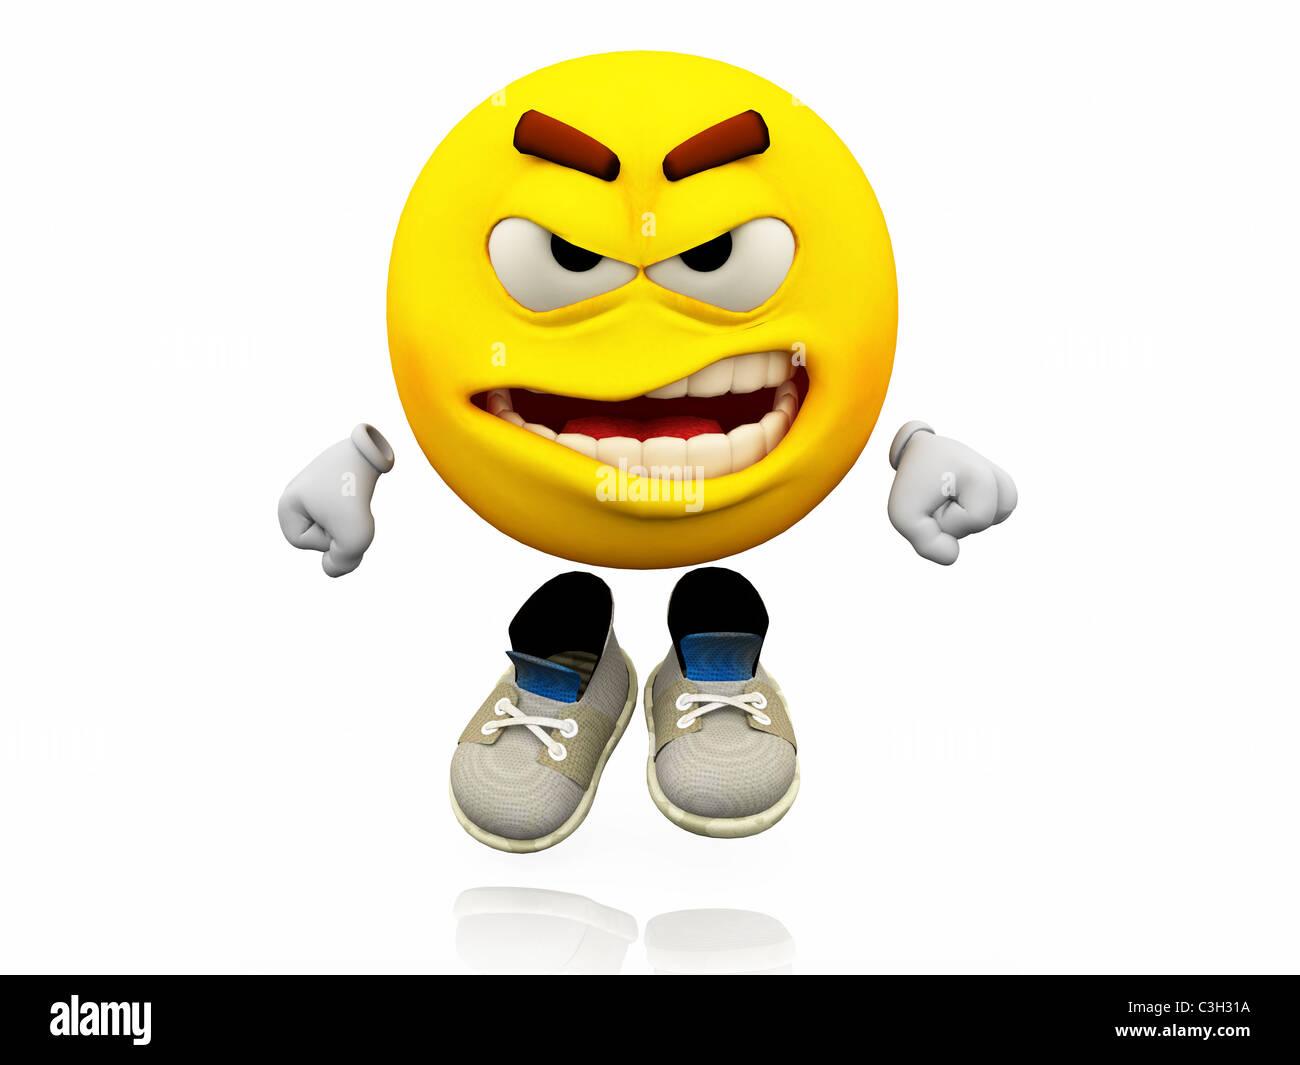 Smiley Emoticone L Expression Du Visage L Expression Emotionnelle En Colere Sur Un Visage Jaune Avec De Grands Yeux Avec Des Chaussures Geste De Colere Photo Stock Alamy